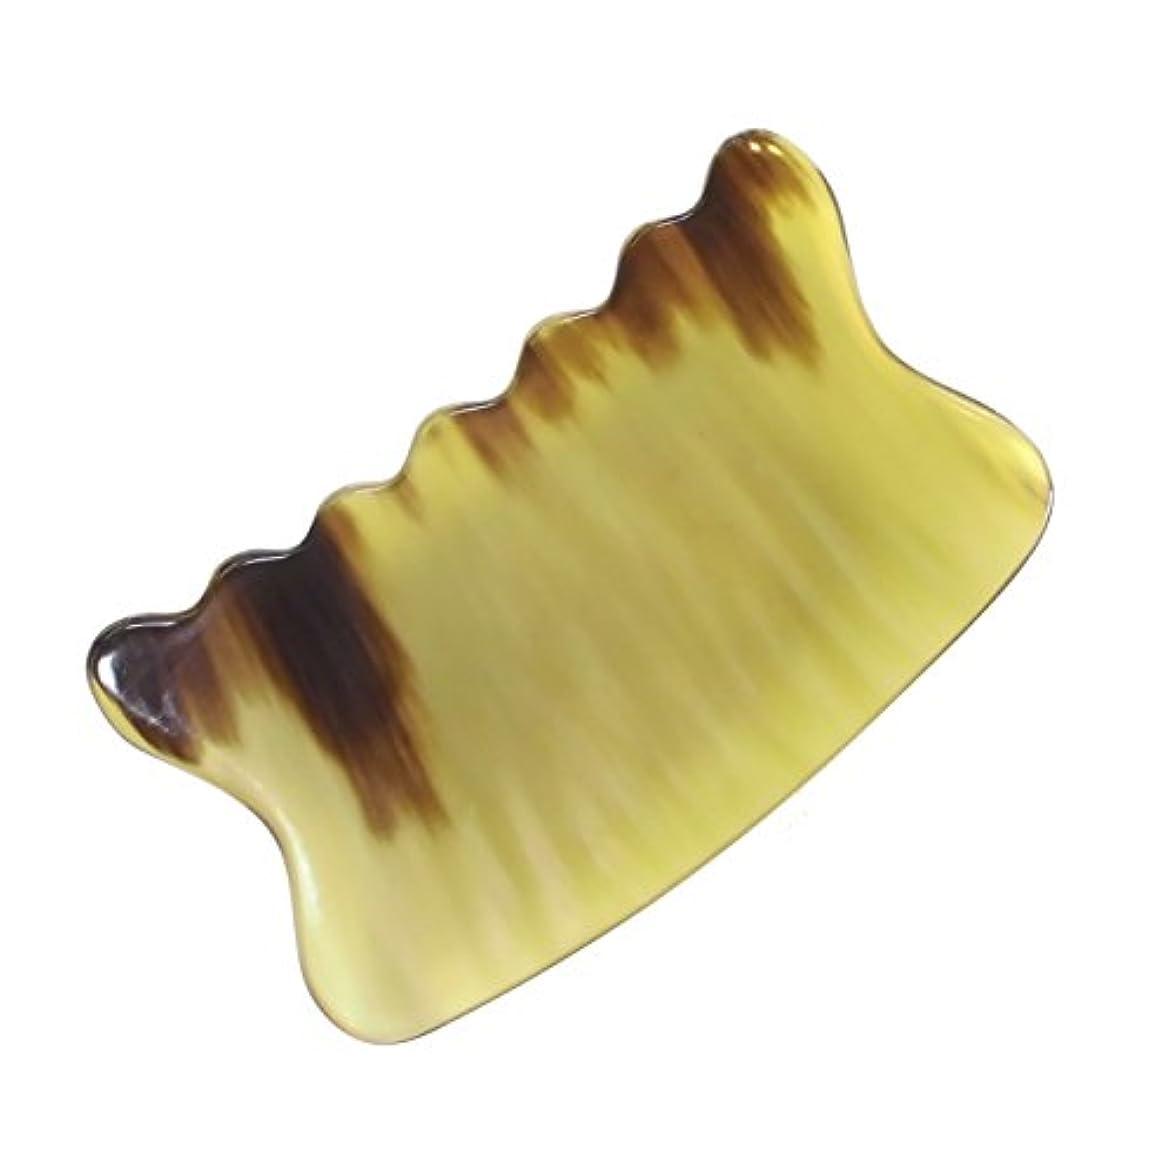 ペチュランス支払う蒸かっさ プレート 希少69 黄水牛角 極美品 曲波型